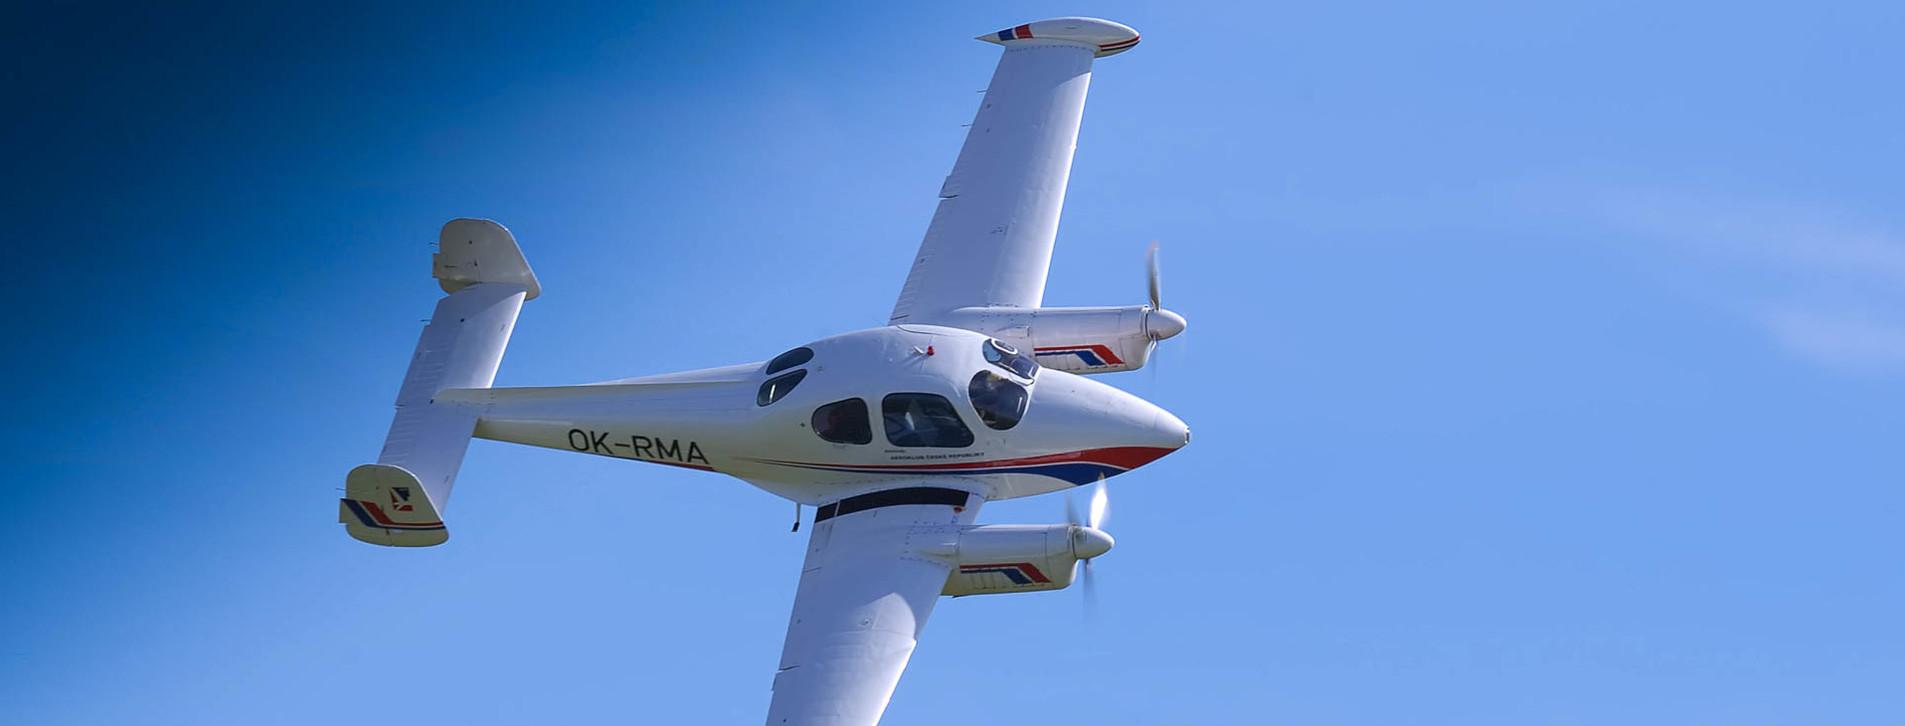 Фото 1 - Полет на самолете для компании